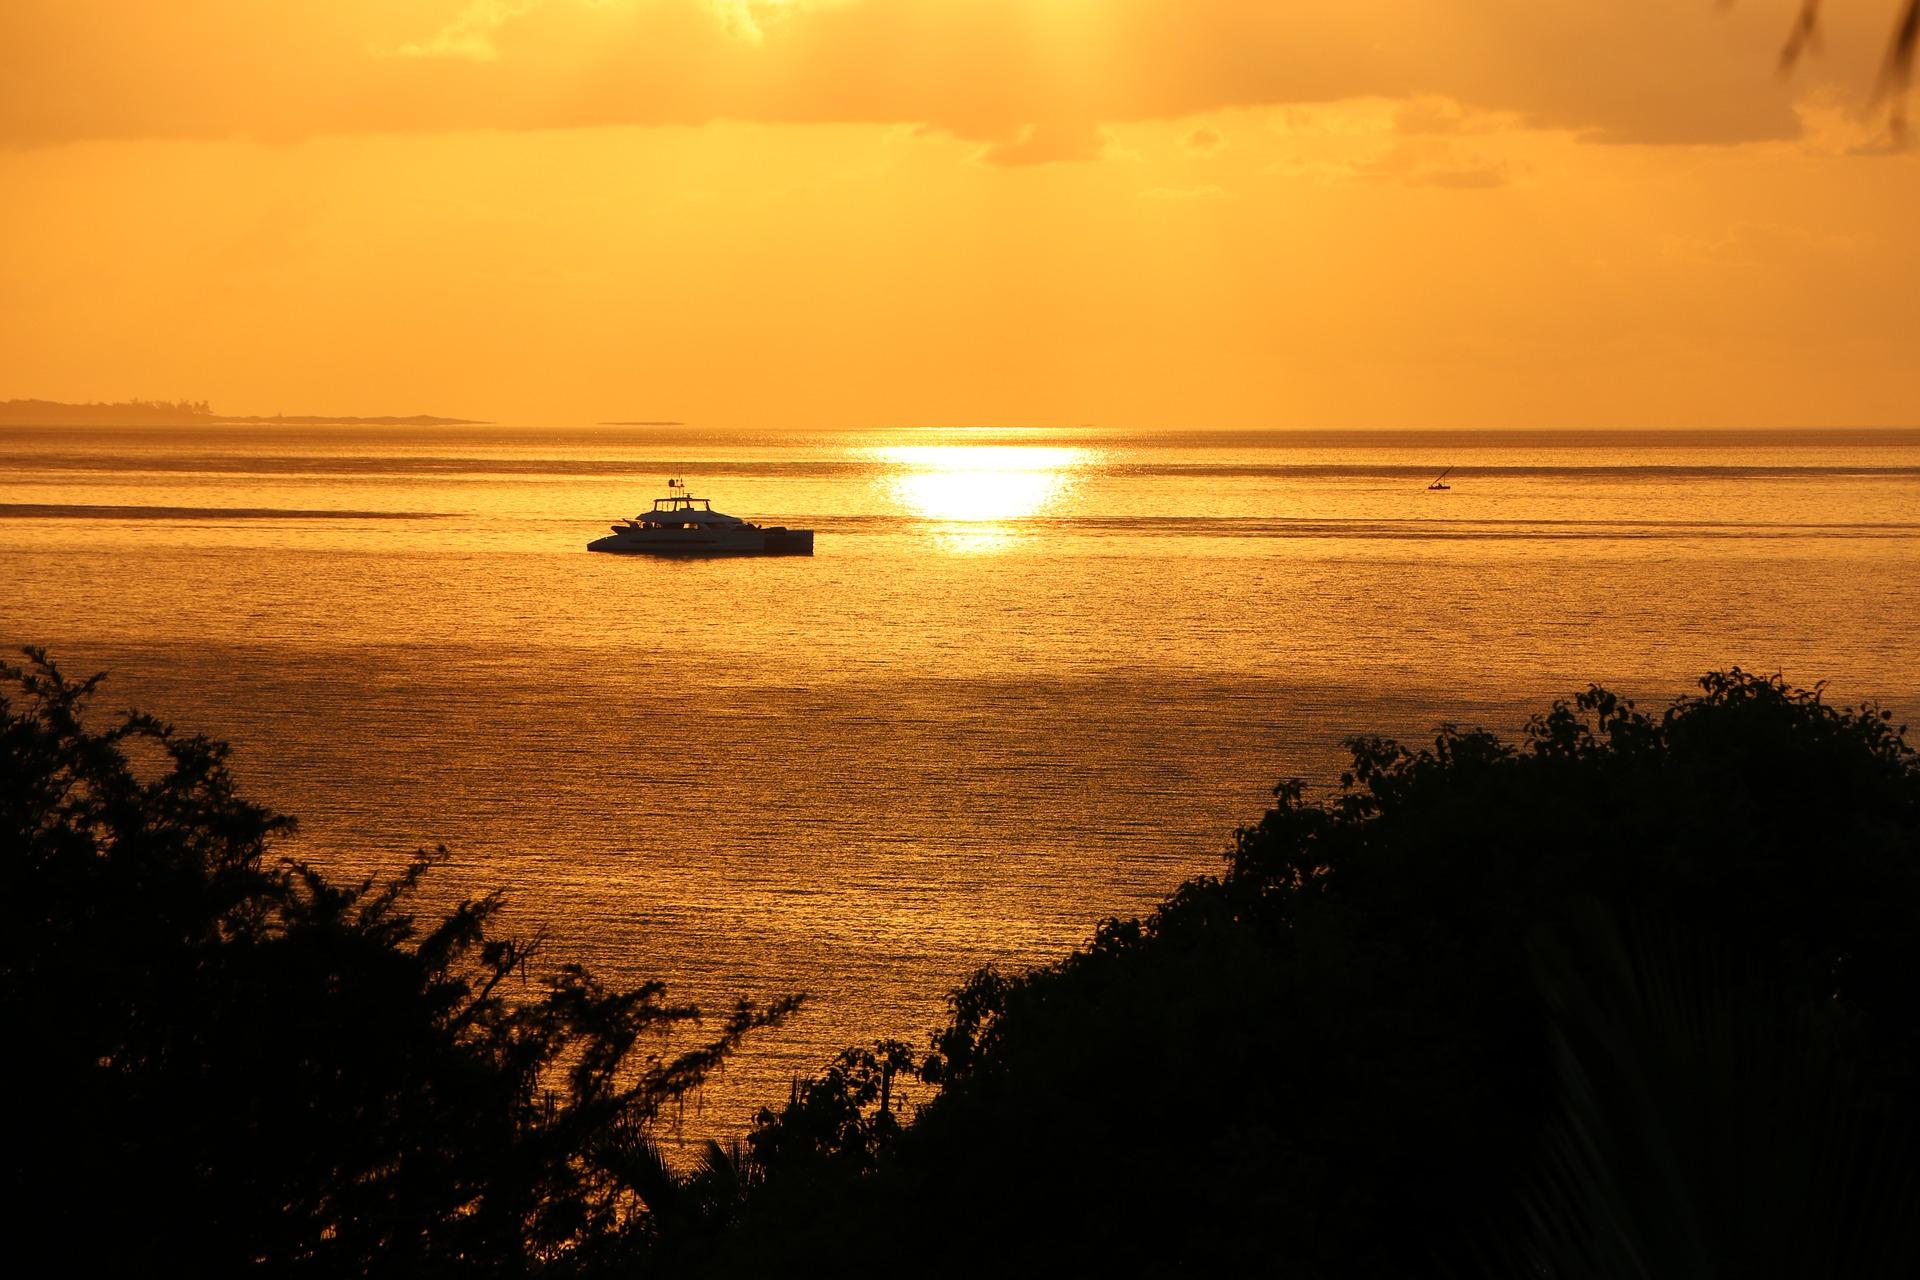 Carrousel - mozambique-sunrise-1742495_1920